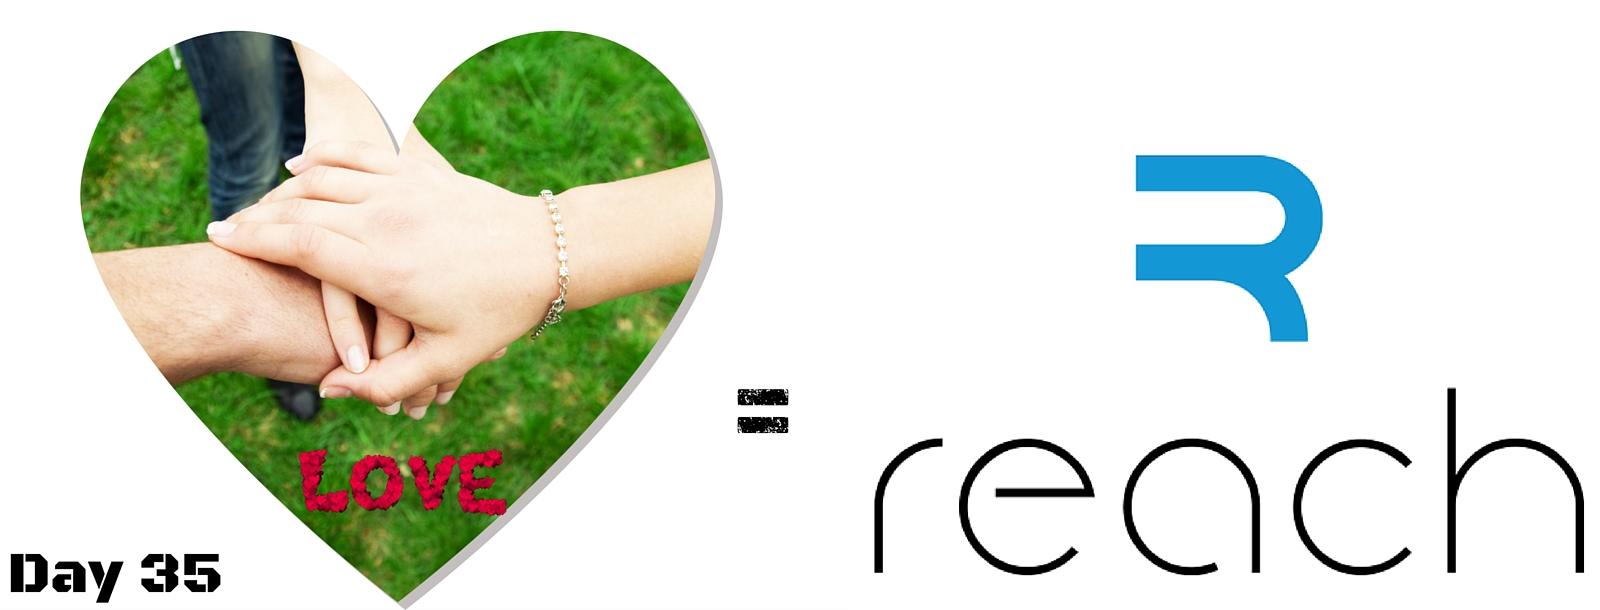 love = reach day 35